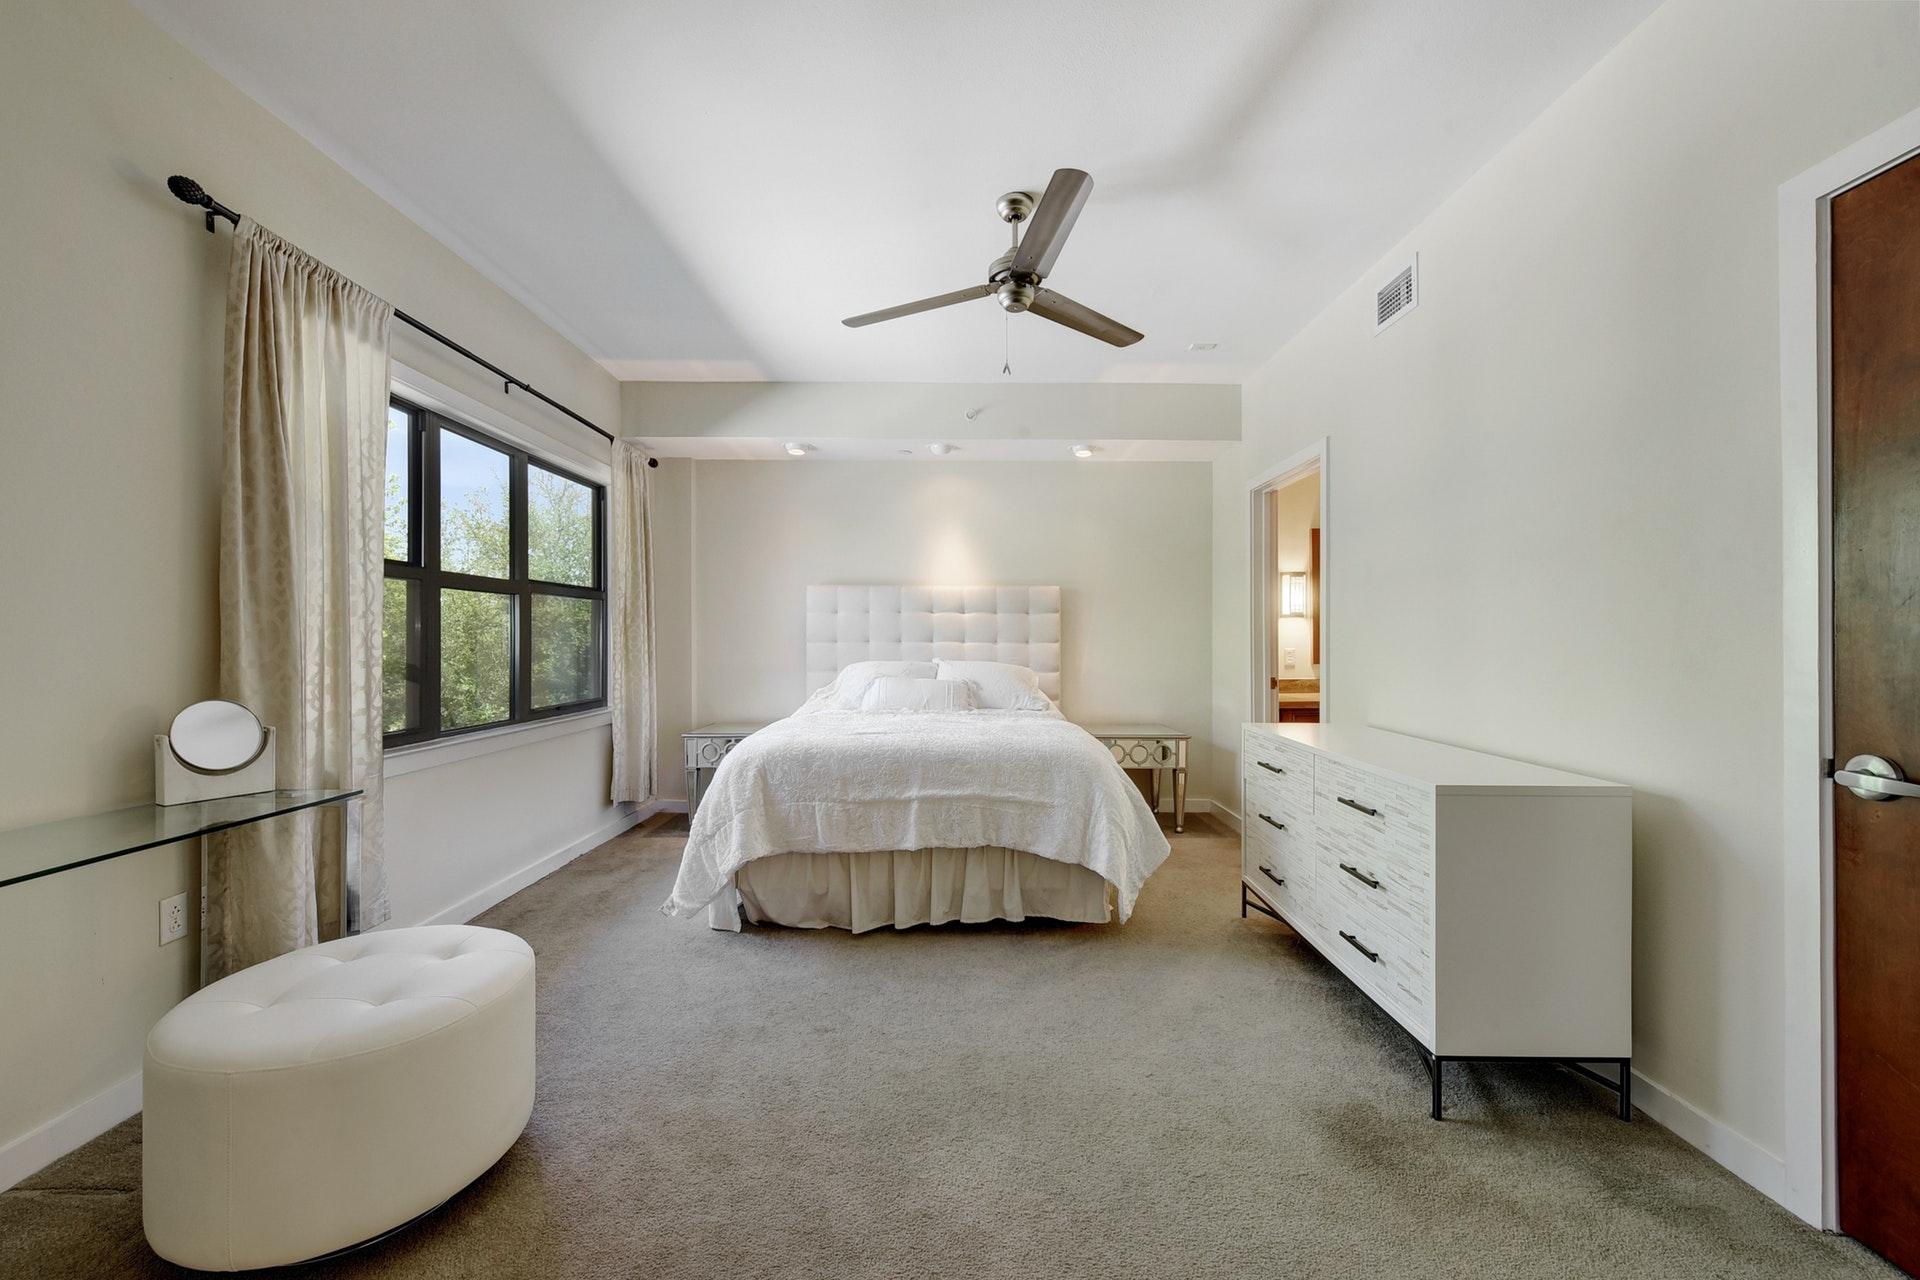 1812 West #306 - Master Bedroom